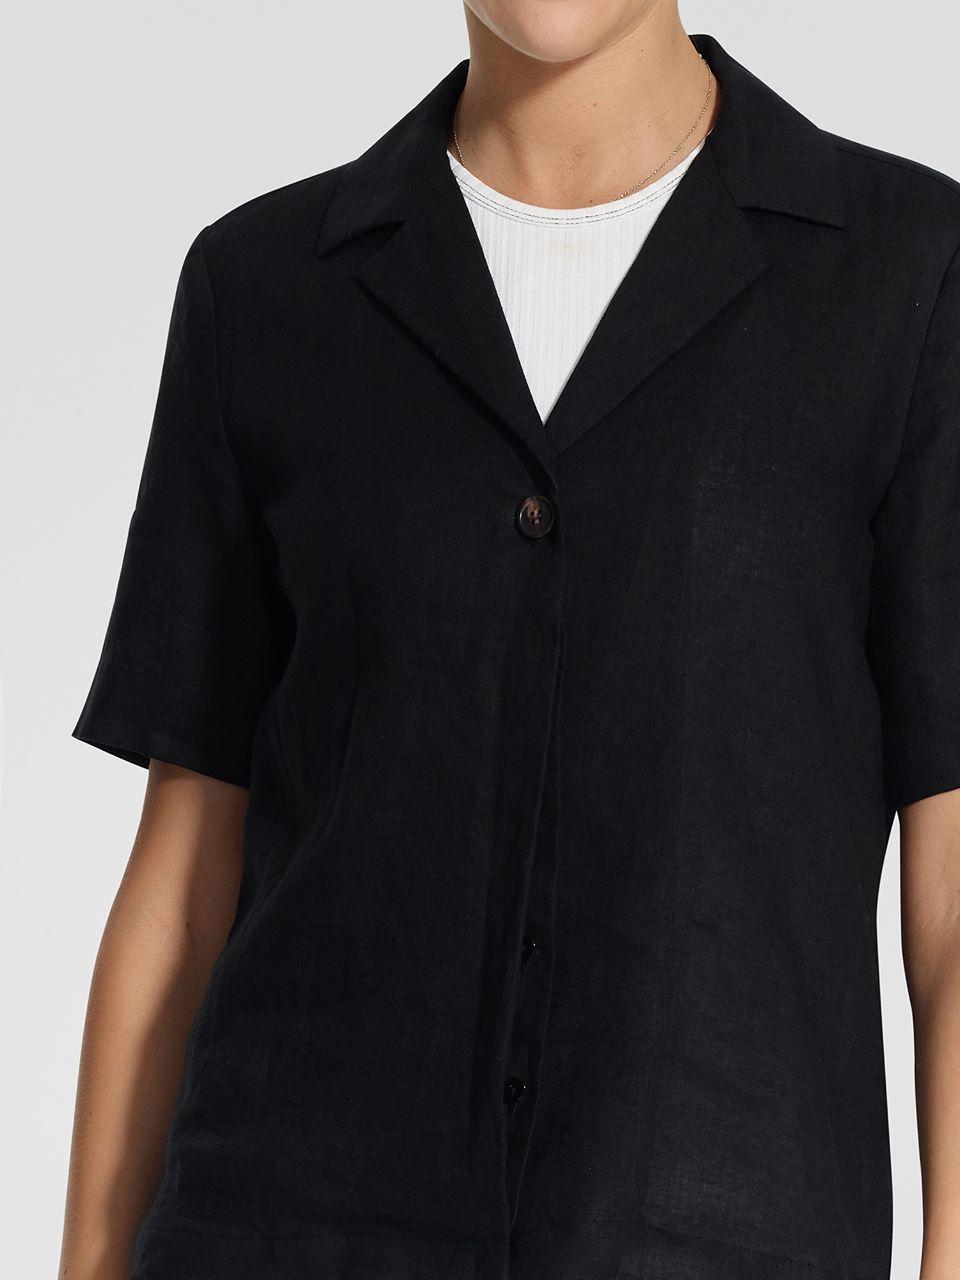 Gallery Shirt Linen Black